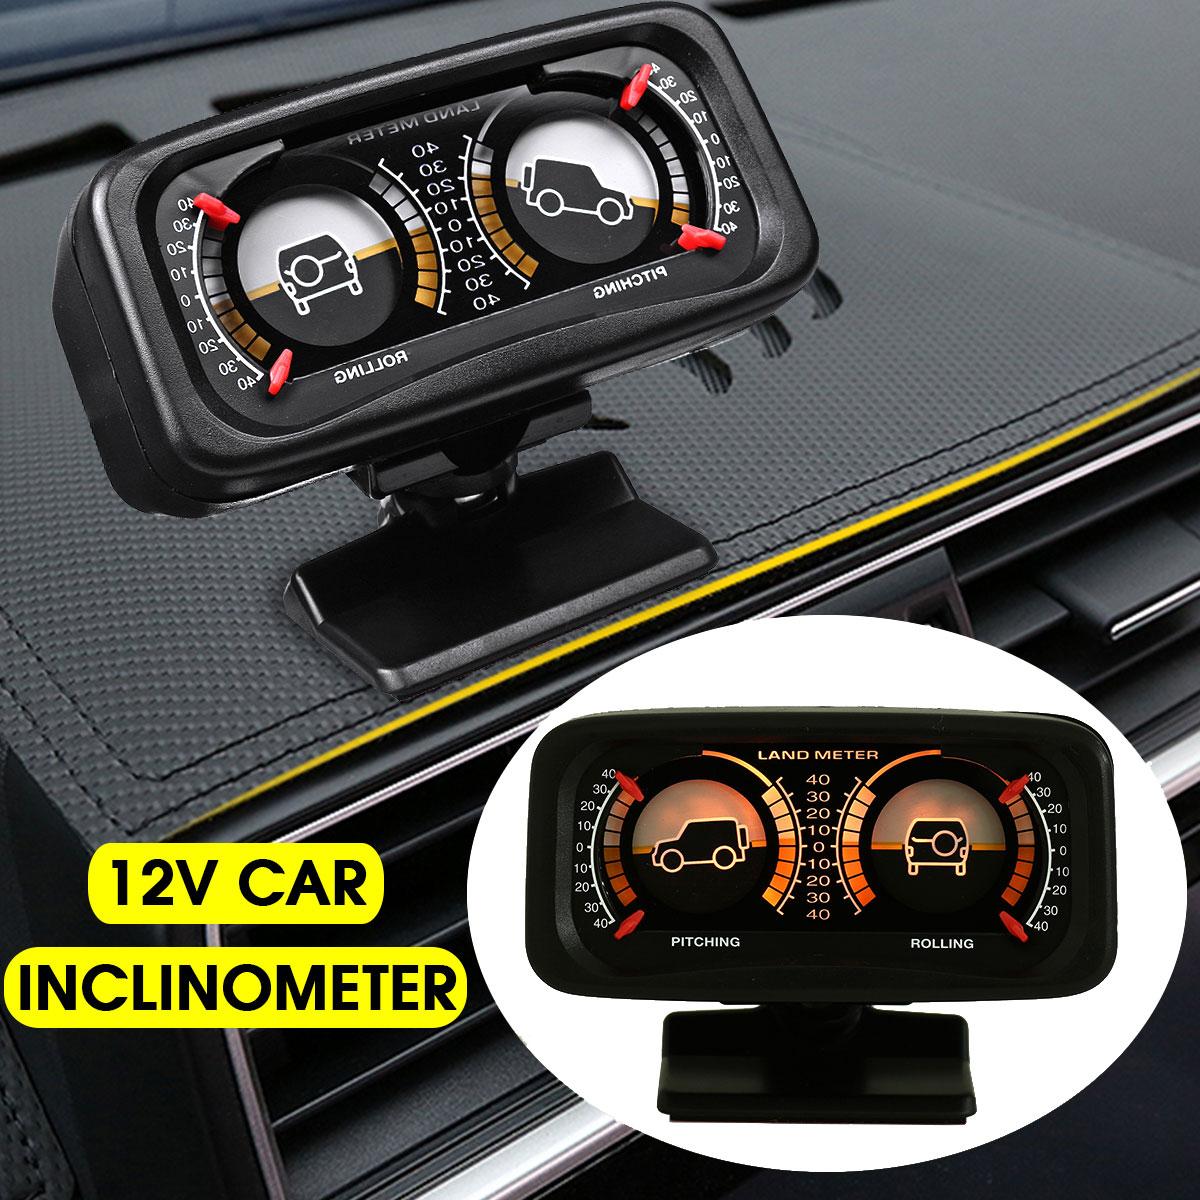 Ângulo de carro 12v inclinação dois-barreled backlight inclinômetro para bússola equilíbrio nível inclinação medidor